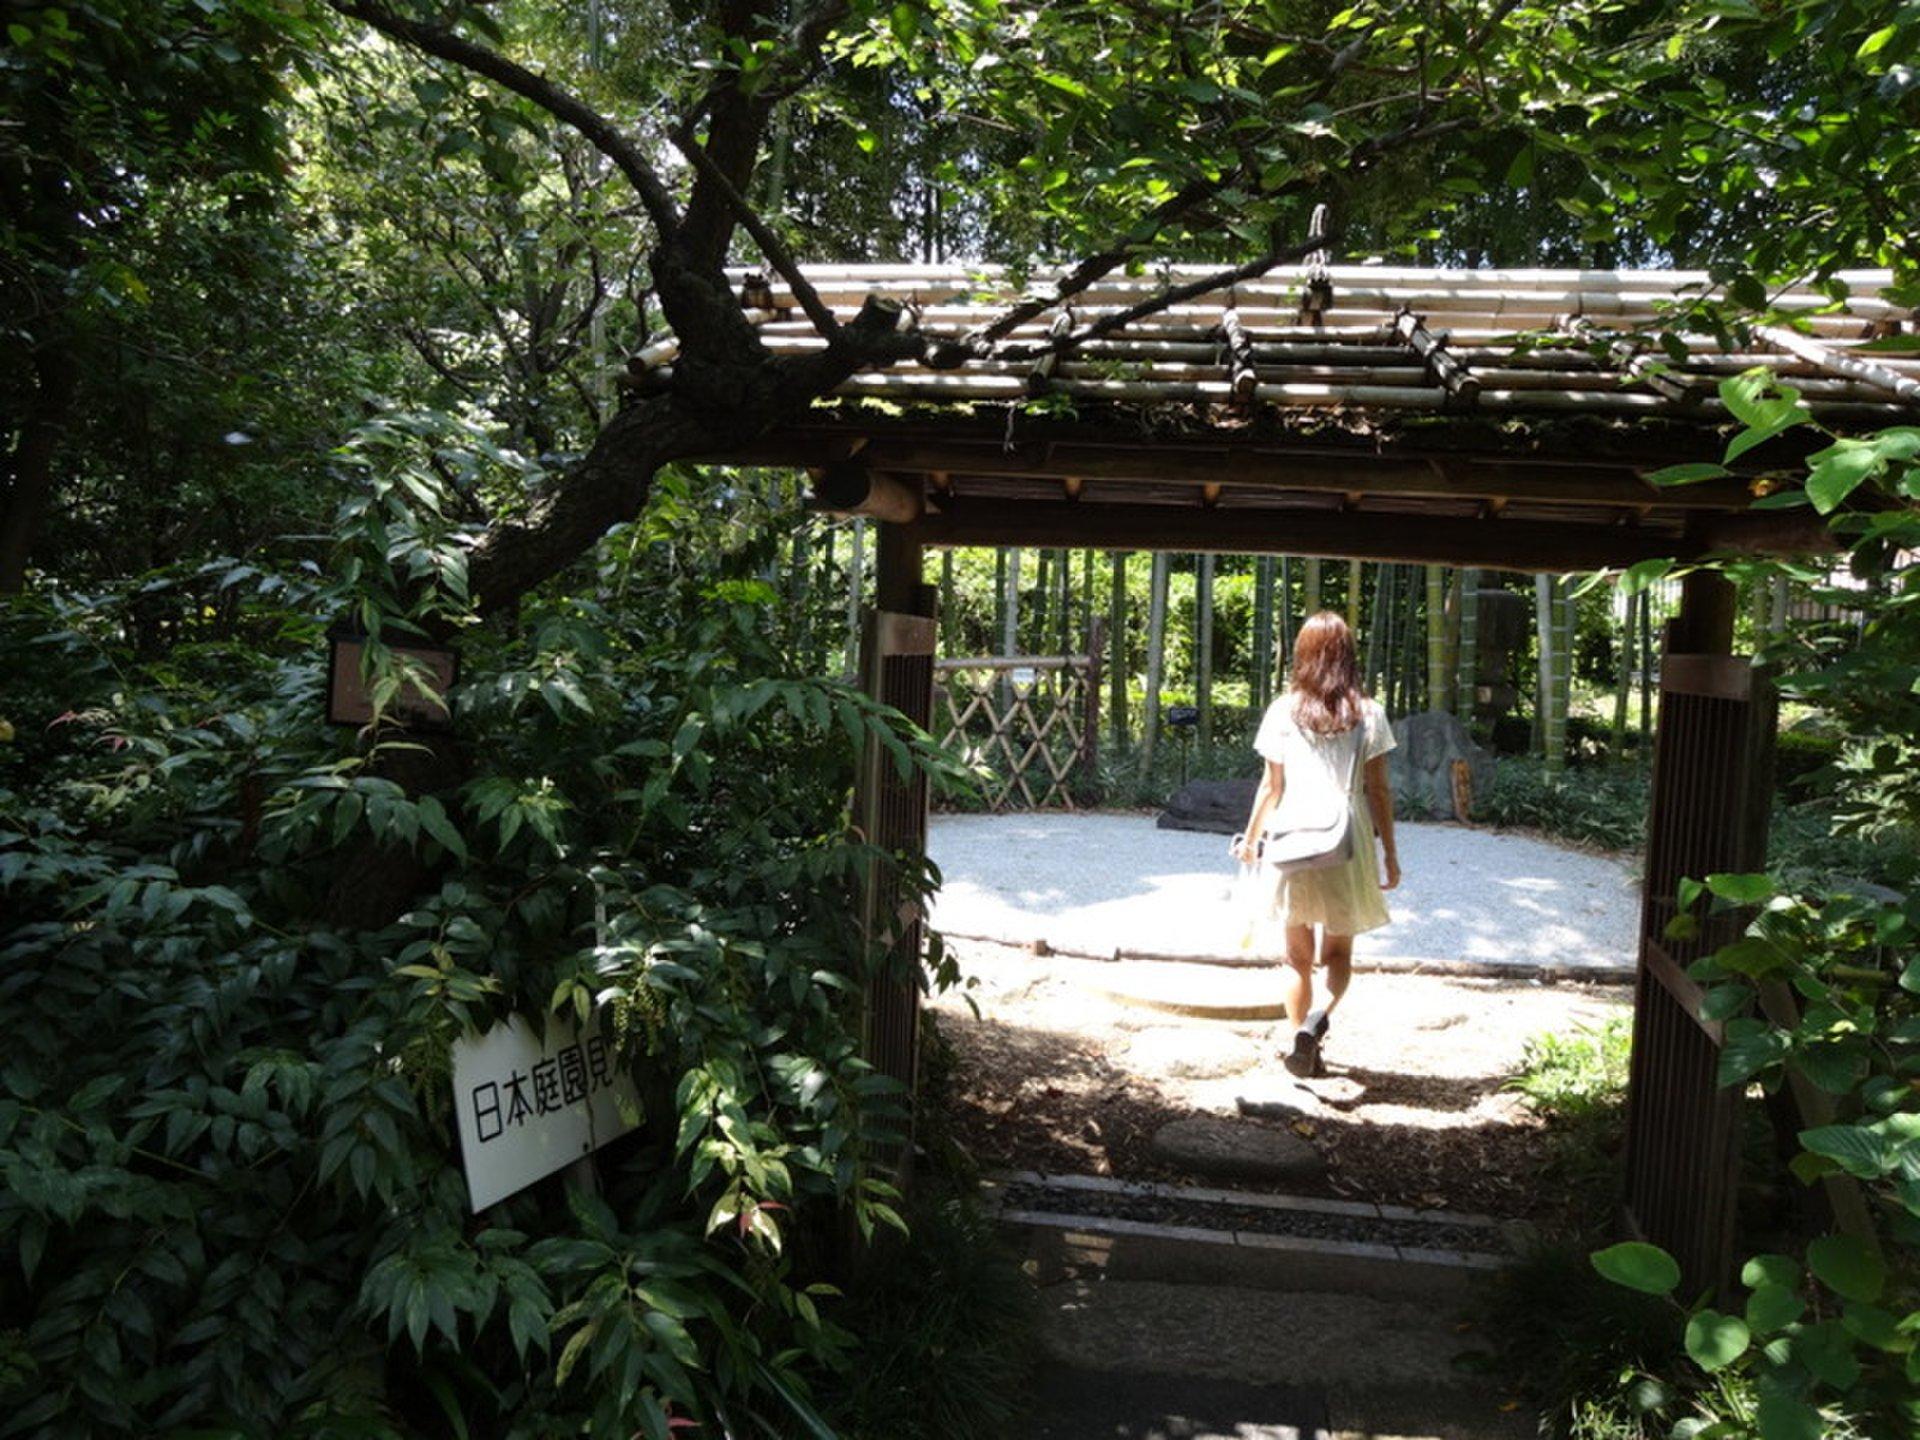 【ウルサイ所キライです】力を抜いて遊べる板橋特集。板橋って意外と遊べるぞ!